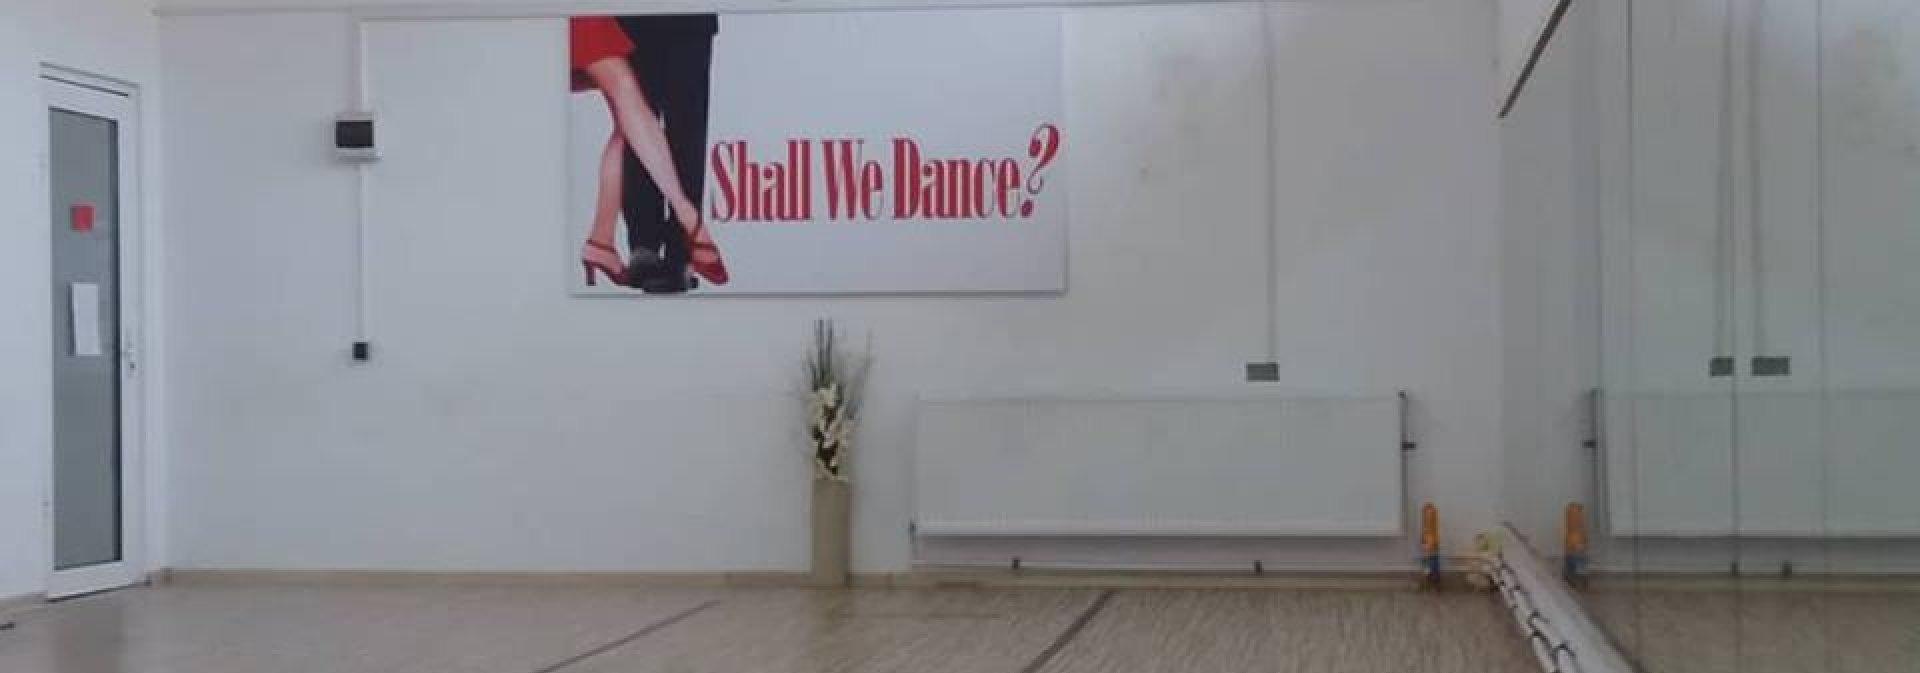 Shall we dance?, Municipiul București, București